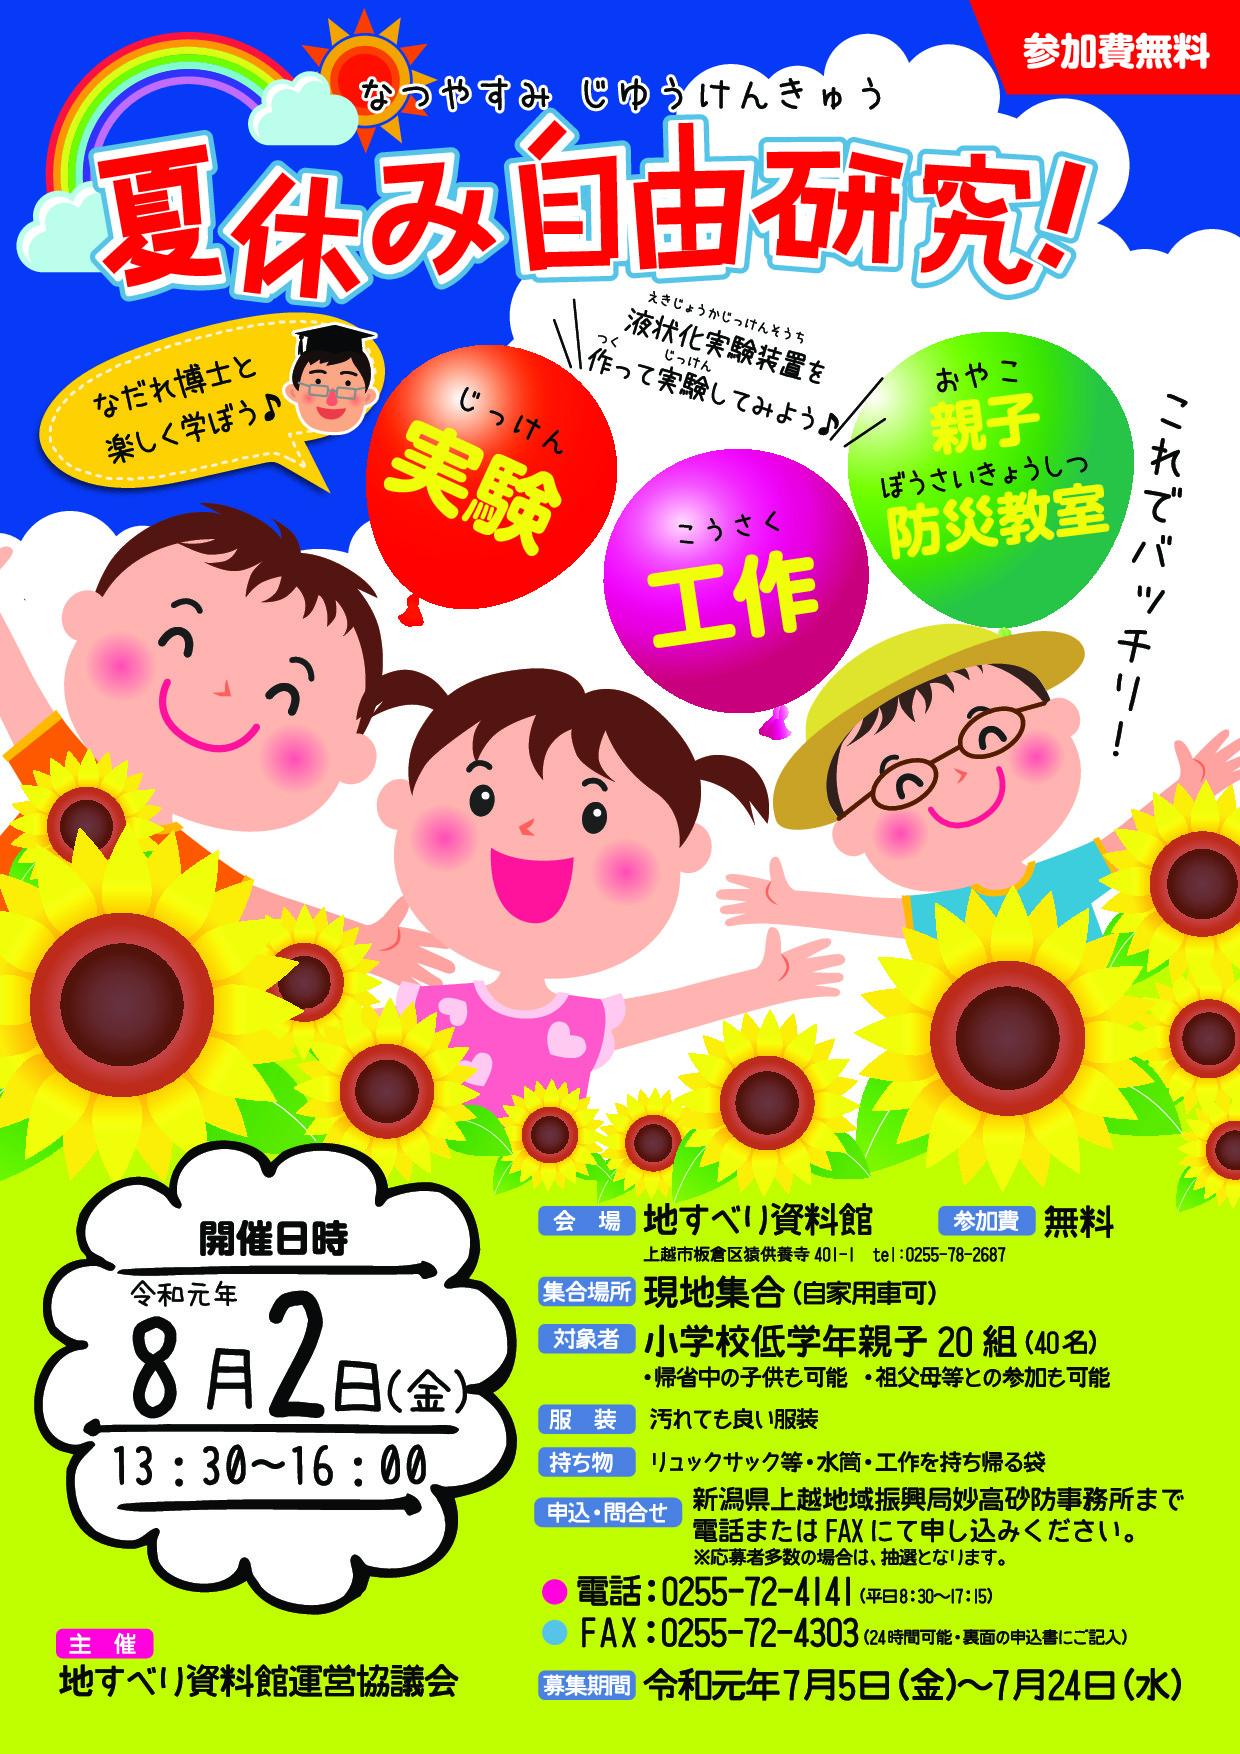 2019夏休みイベントチラシ(表面)_p001